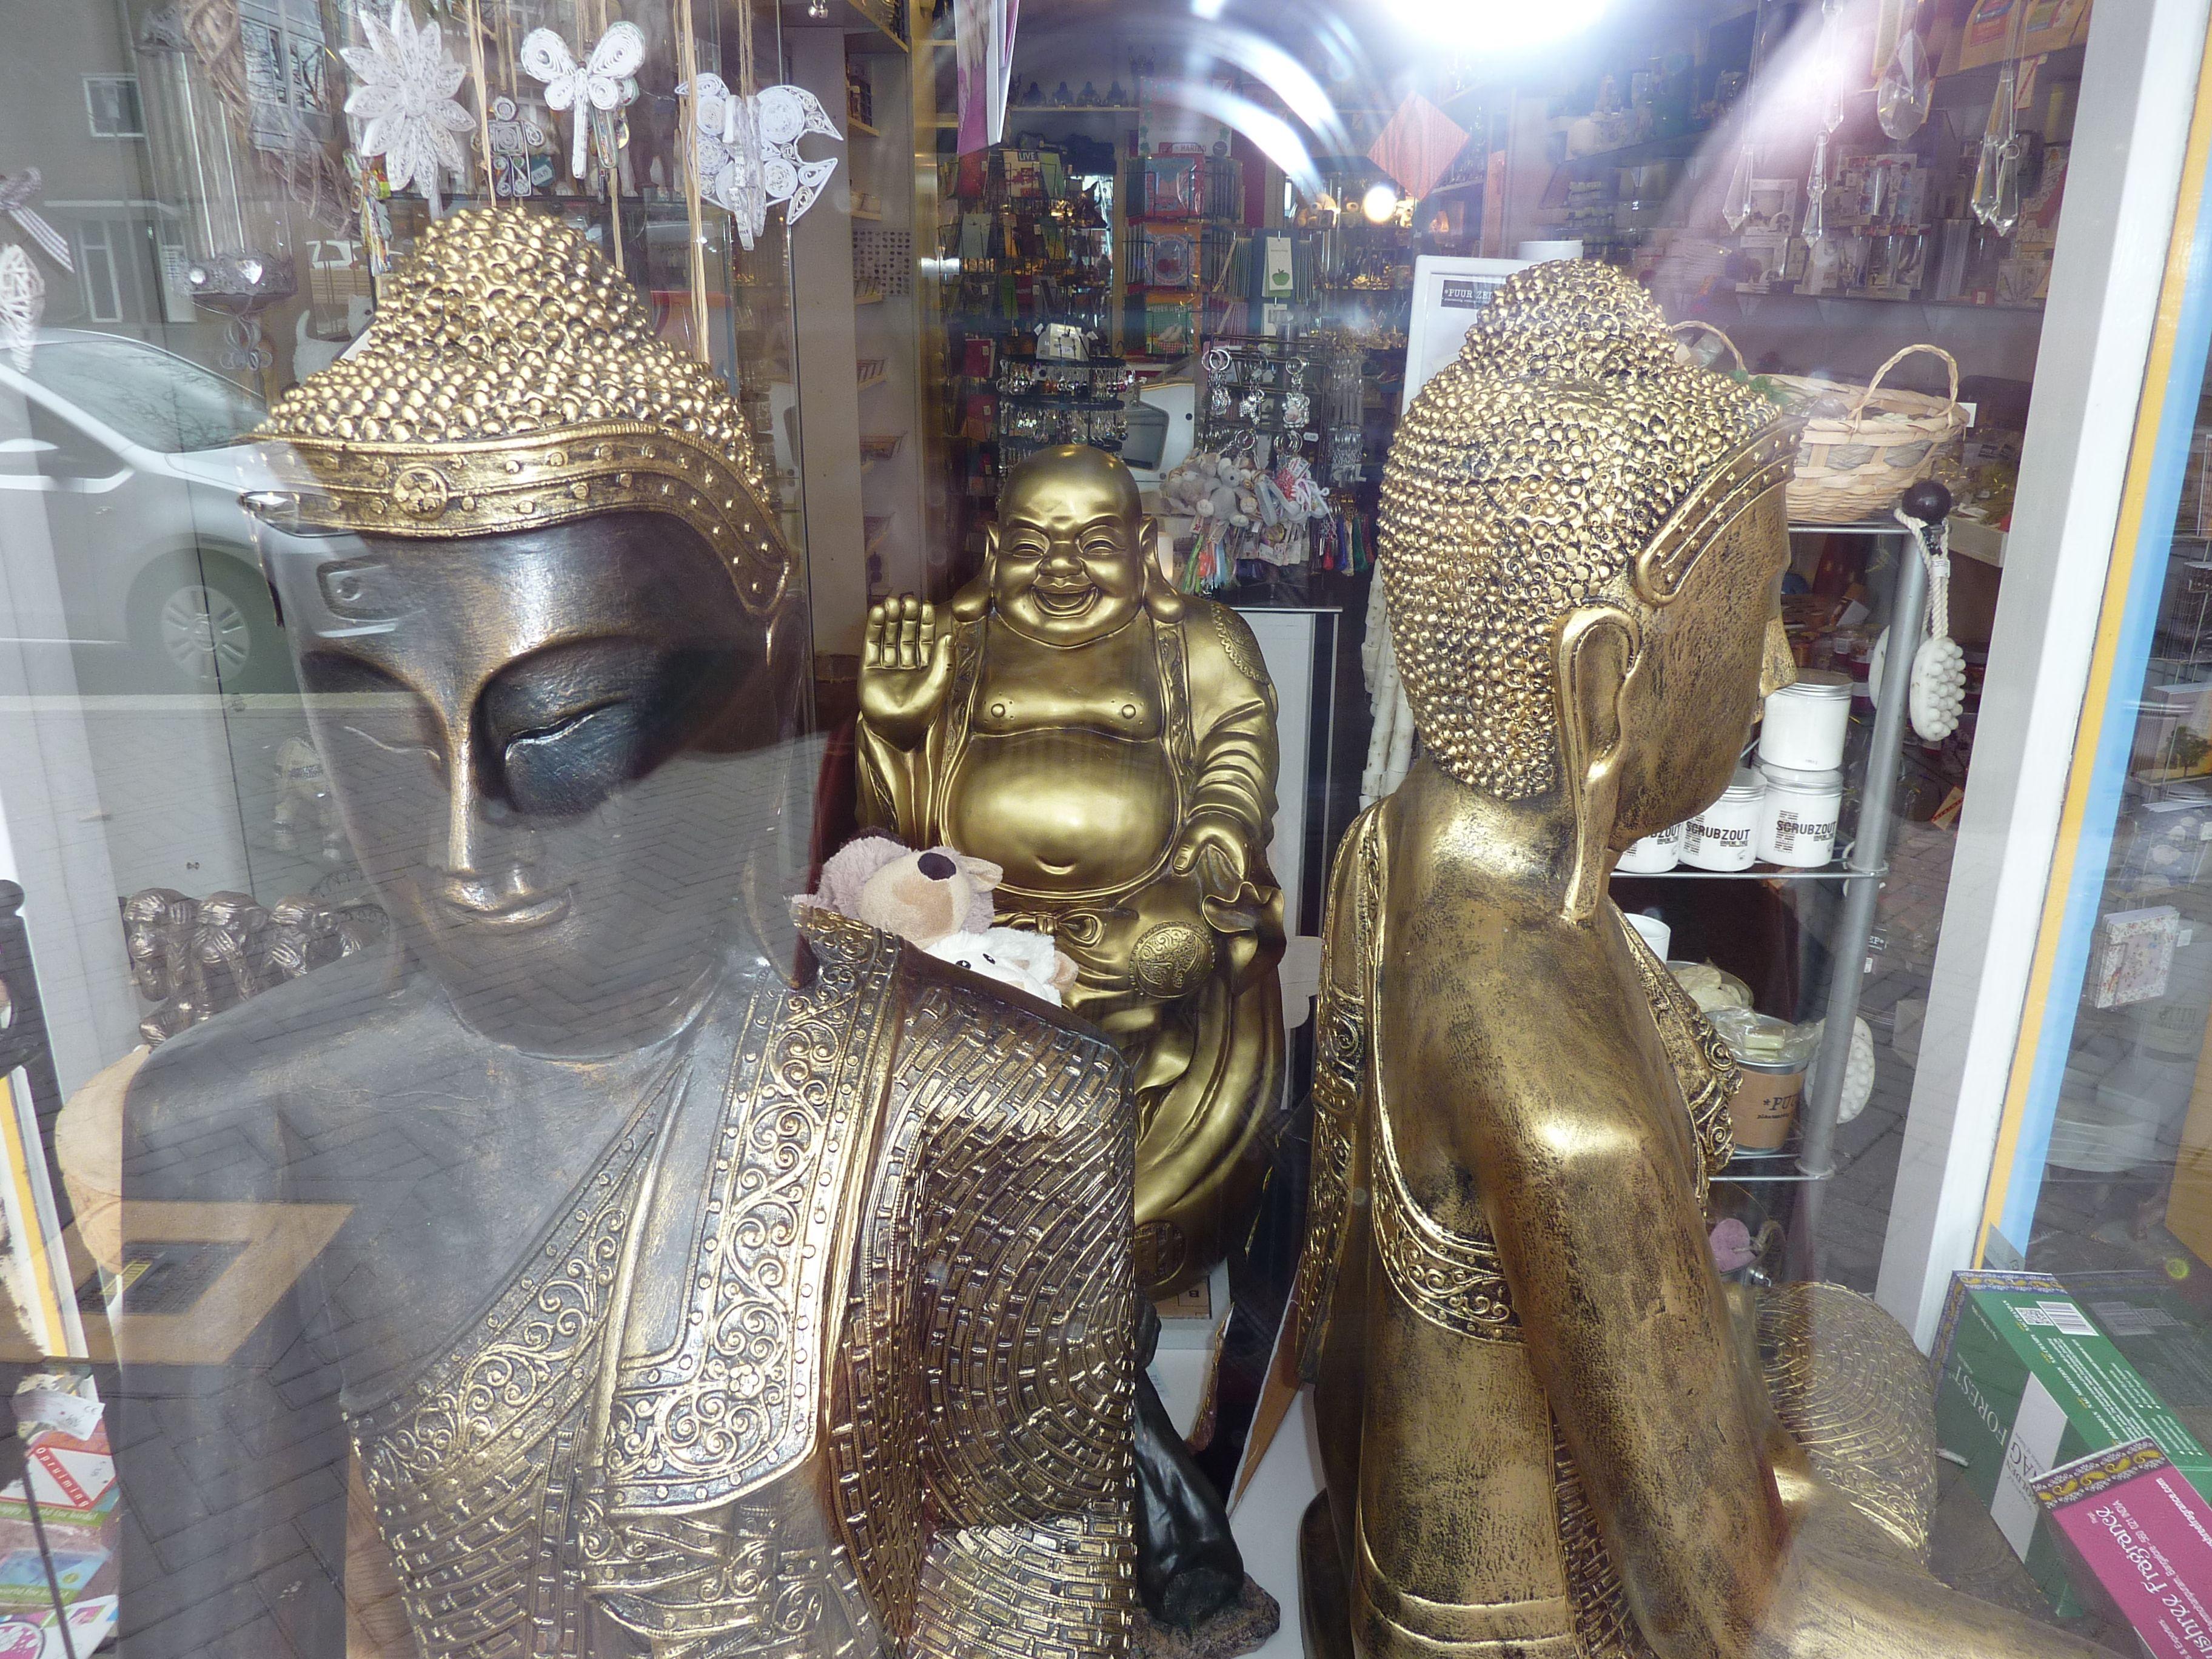 Bijzondere boeddha's in onze etalage: Cadeau variant Apeldoorn